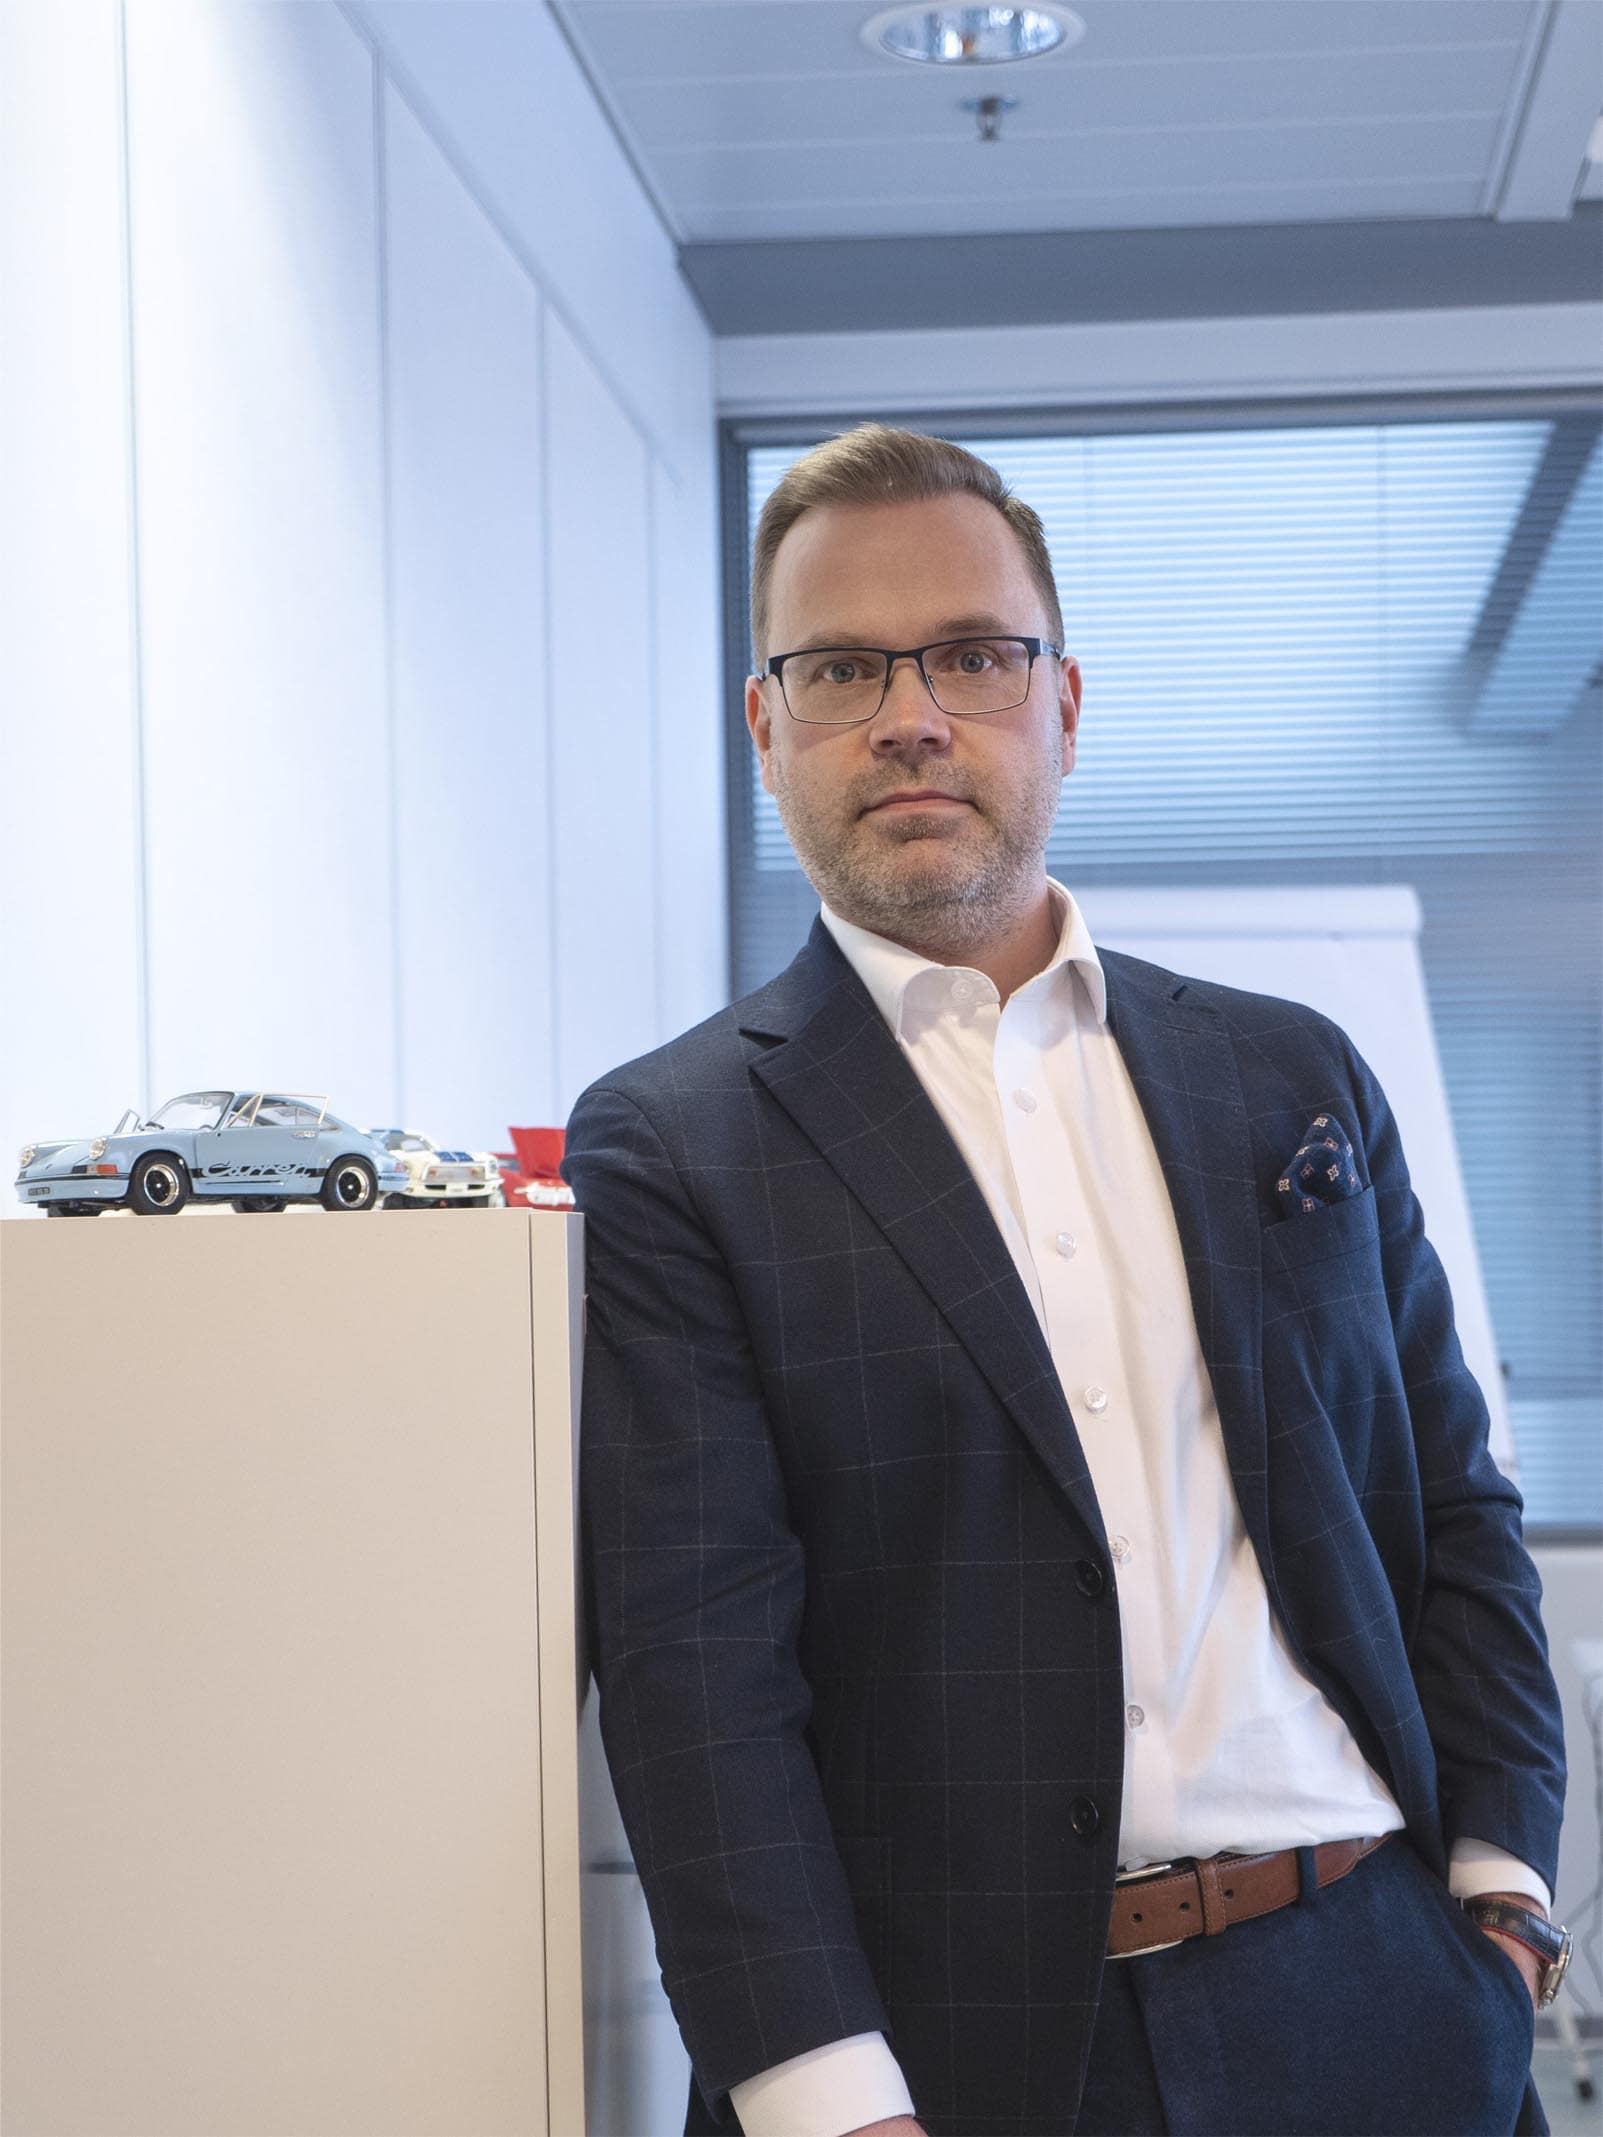 Sakari autot fleet innovation